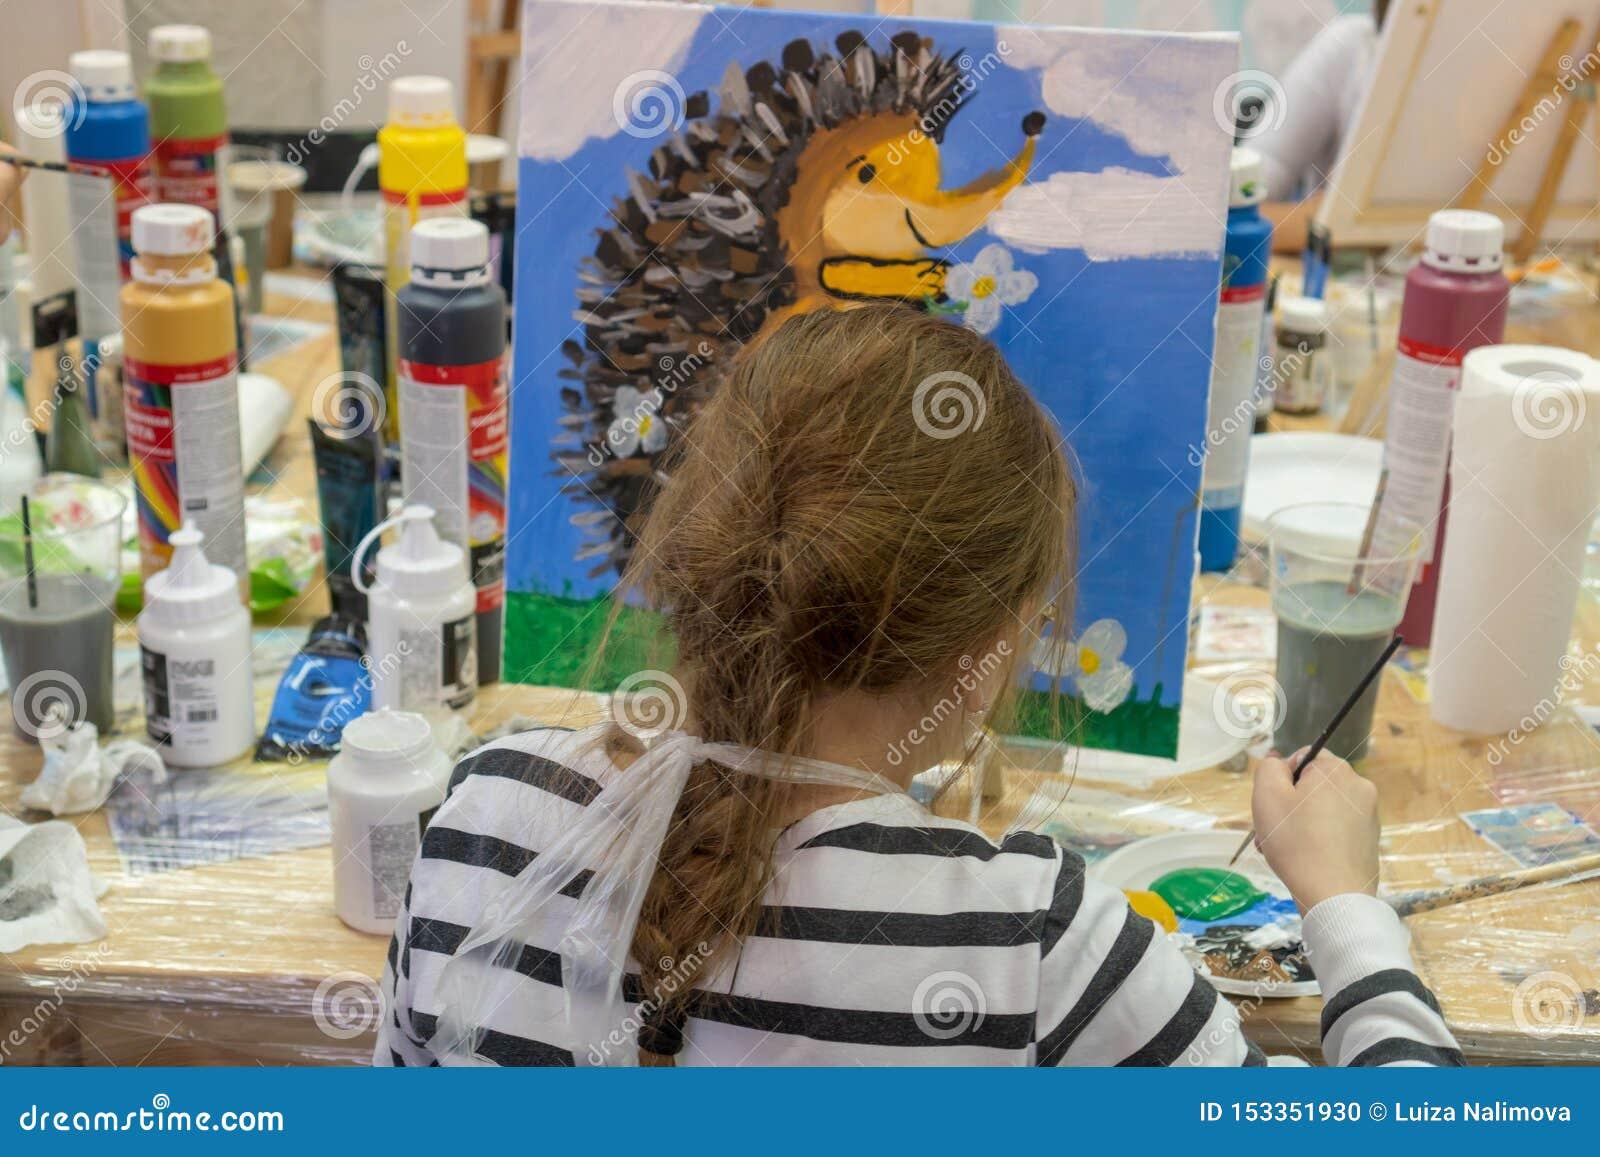 Rosja, Tatarstan, Kwiecień 20, 2019 Dziewczyna rysuje jeża Kreatywnie nastoletnia dziewczyna paitning obrazek na sztaludze Wnętrz